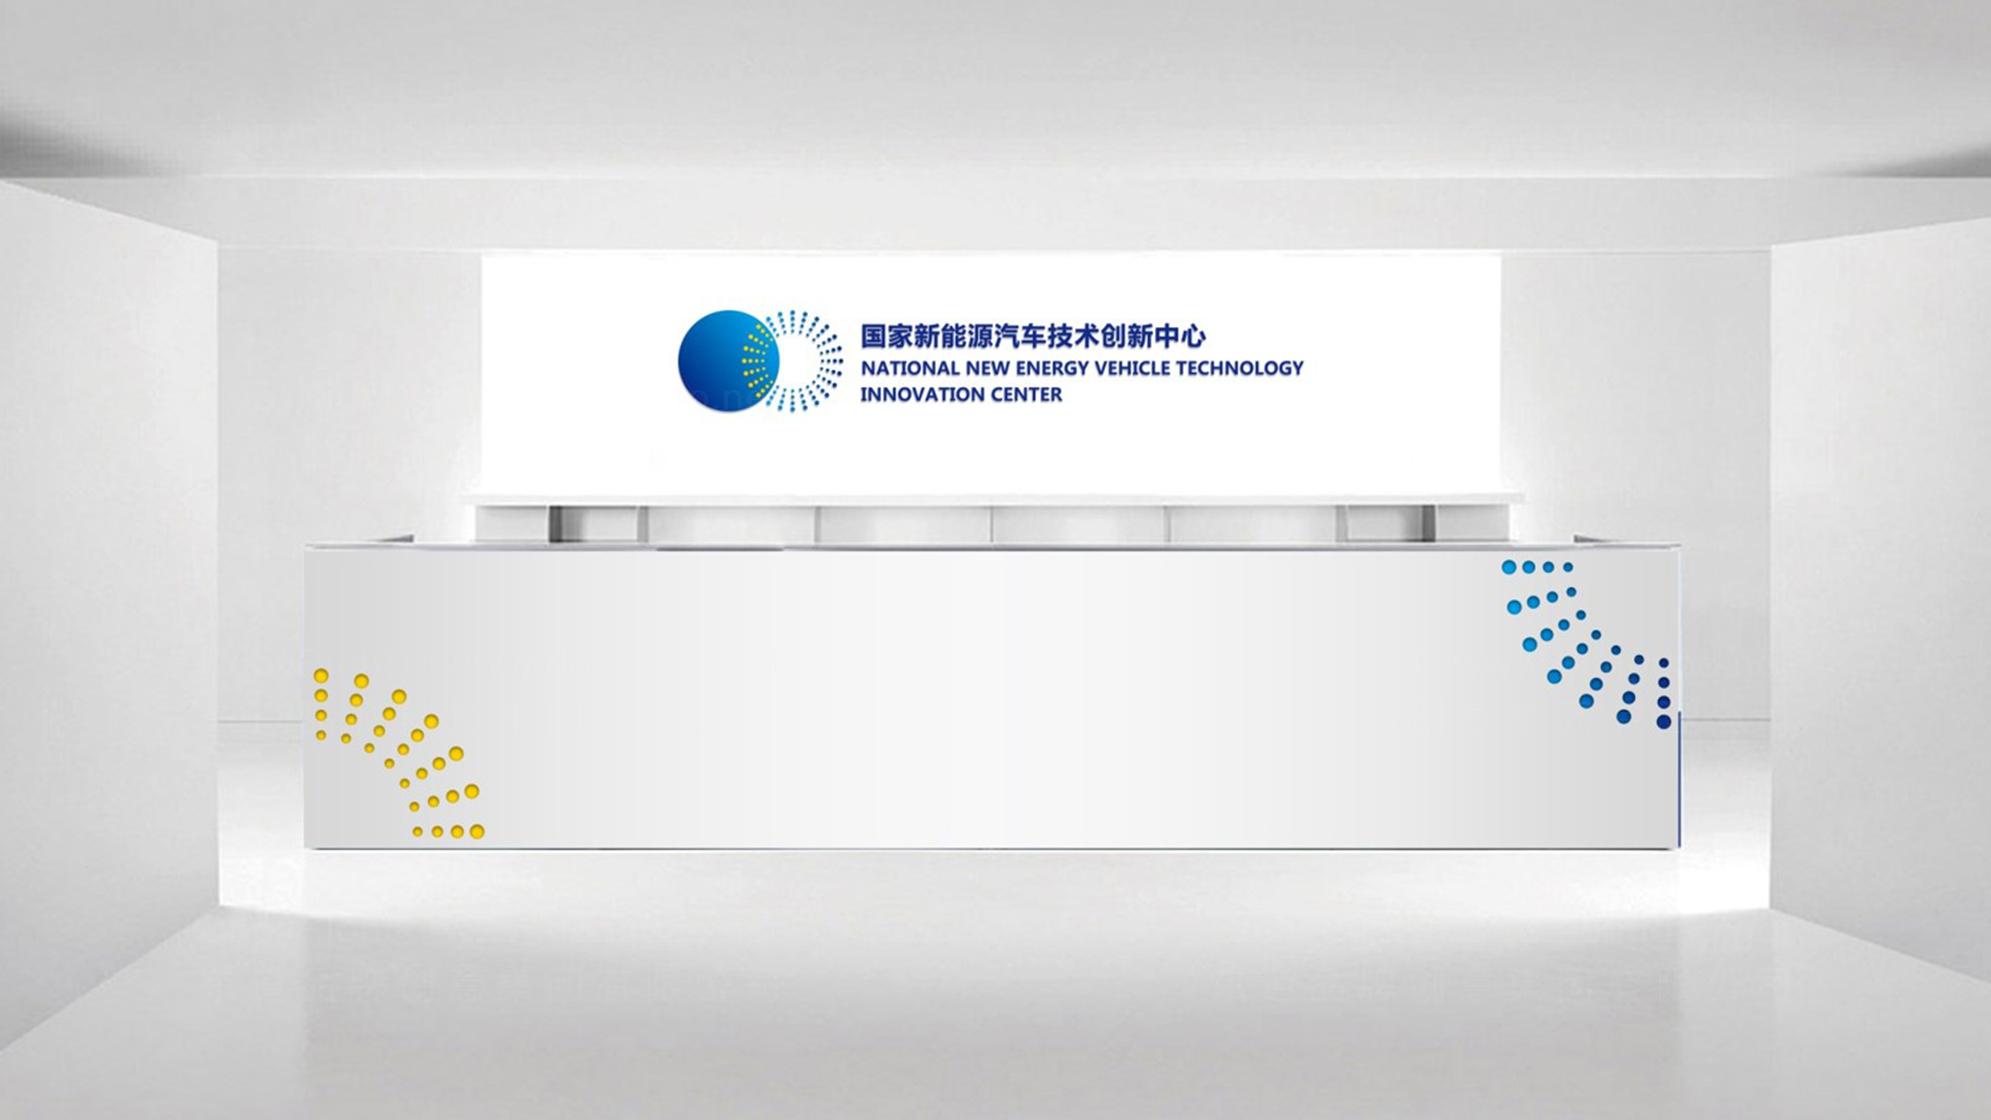 品牌设计国家新能源汽车技术创新中心标志设计应用场景_4